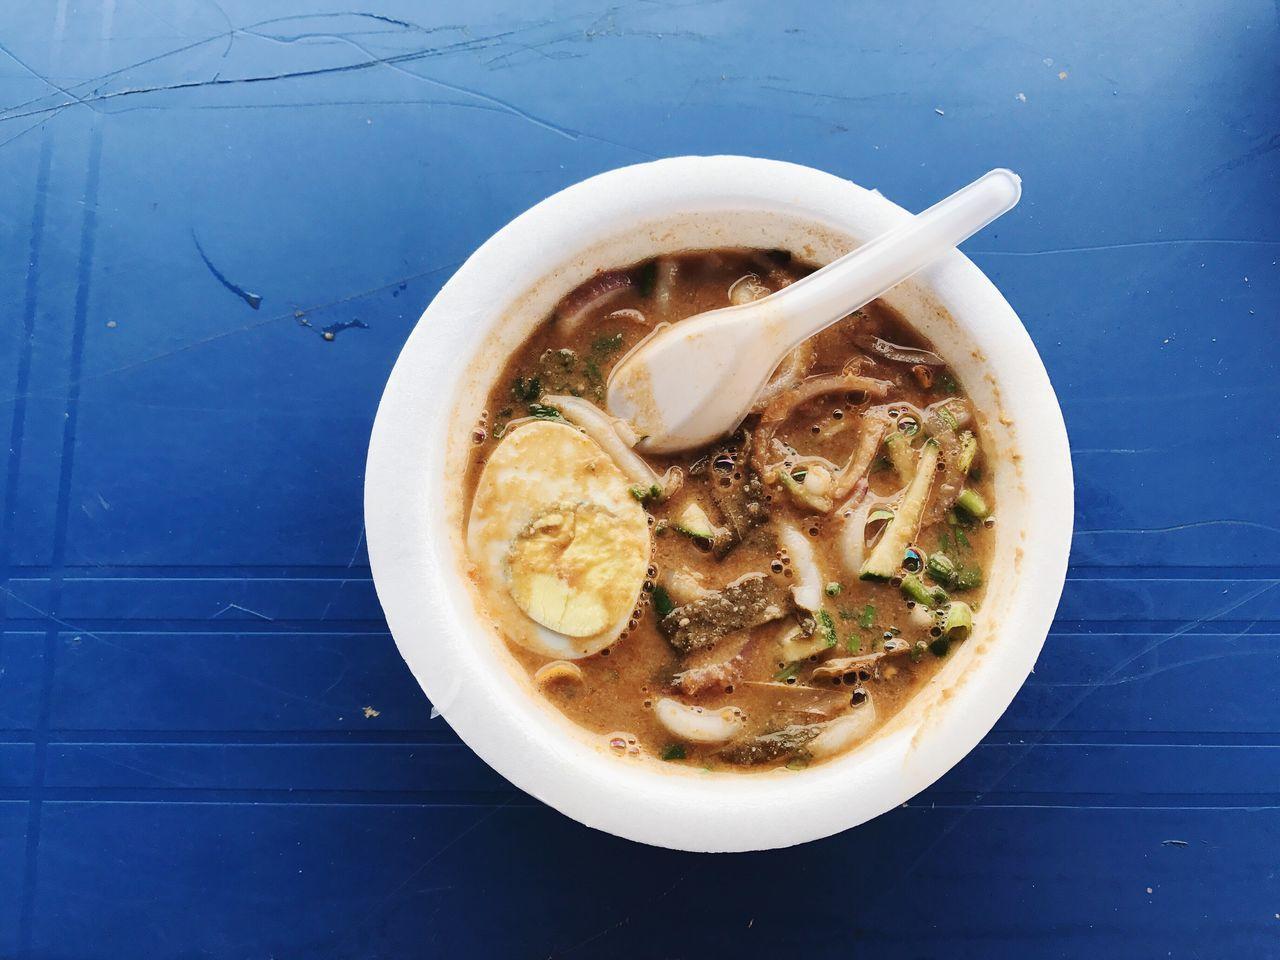 大樹下的午餐時光。 High Angle View Bowl No People Table Food And Drink Soup Ready-to-eat Food Indoors  Healthy Eating Close-up Day Freshness Laksa Malaysian Food Malaysia